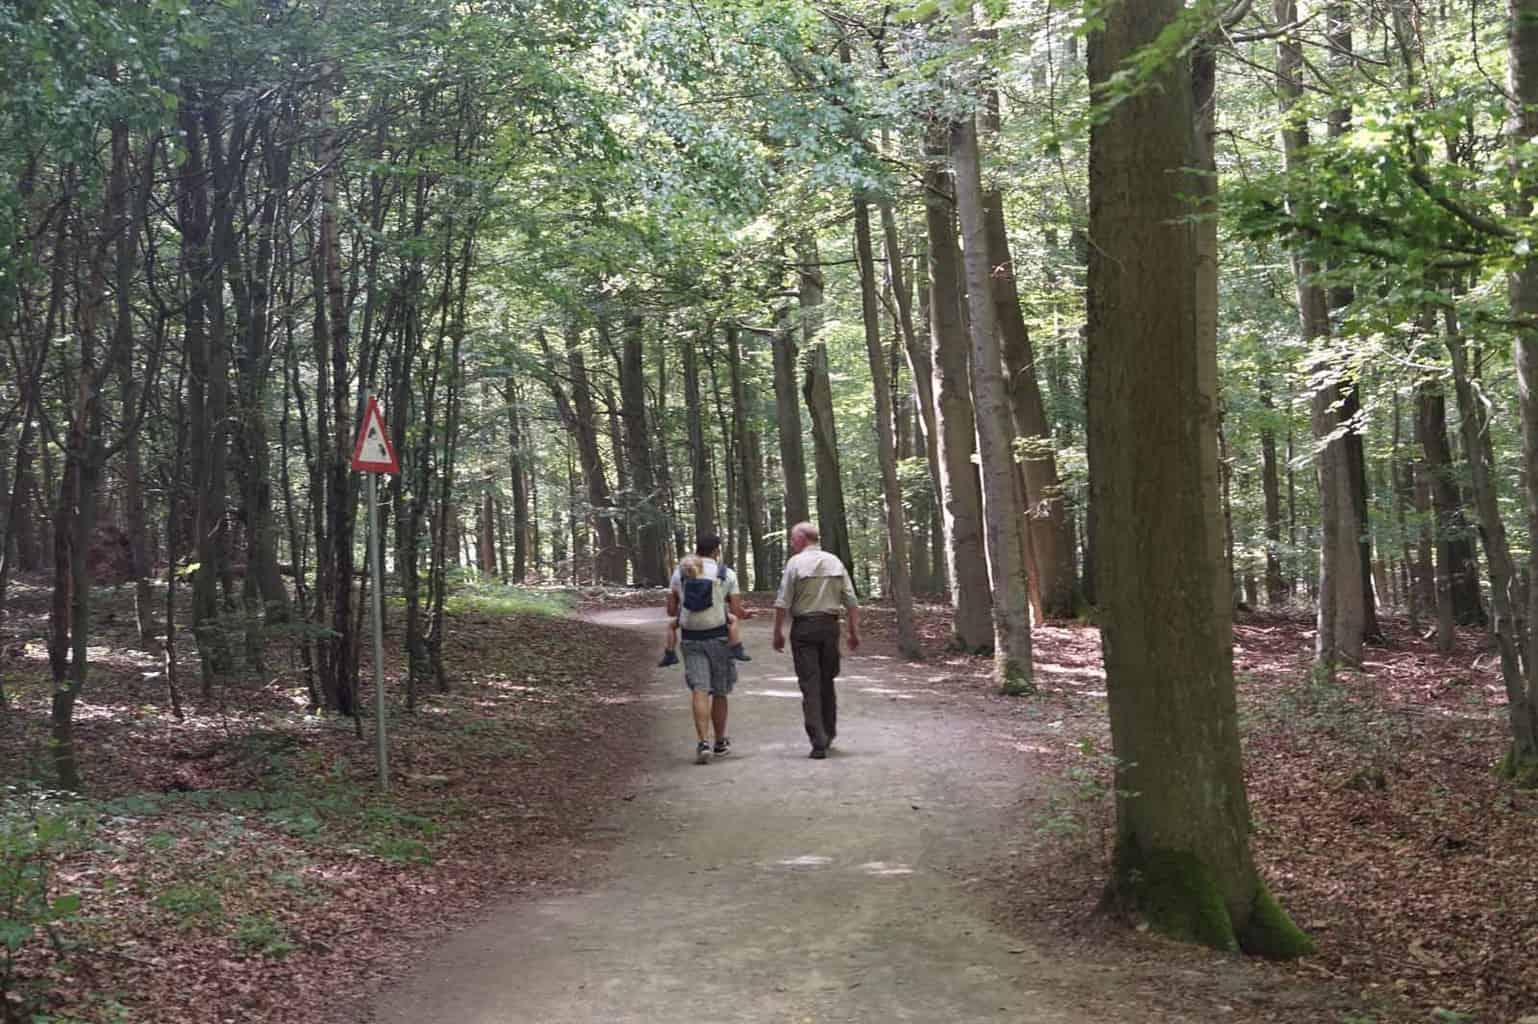 wilde weg eifel wandelen